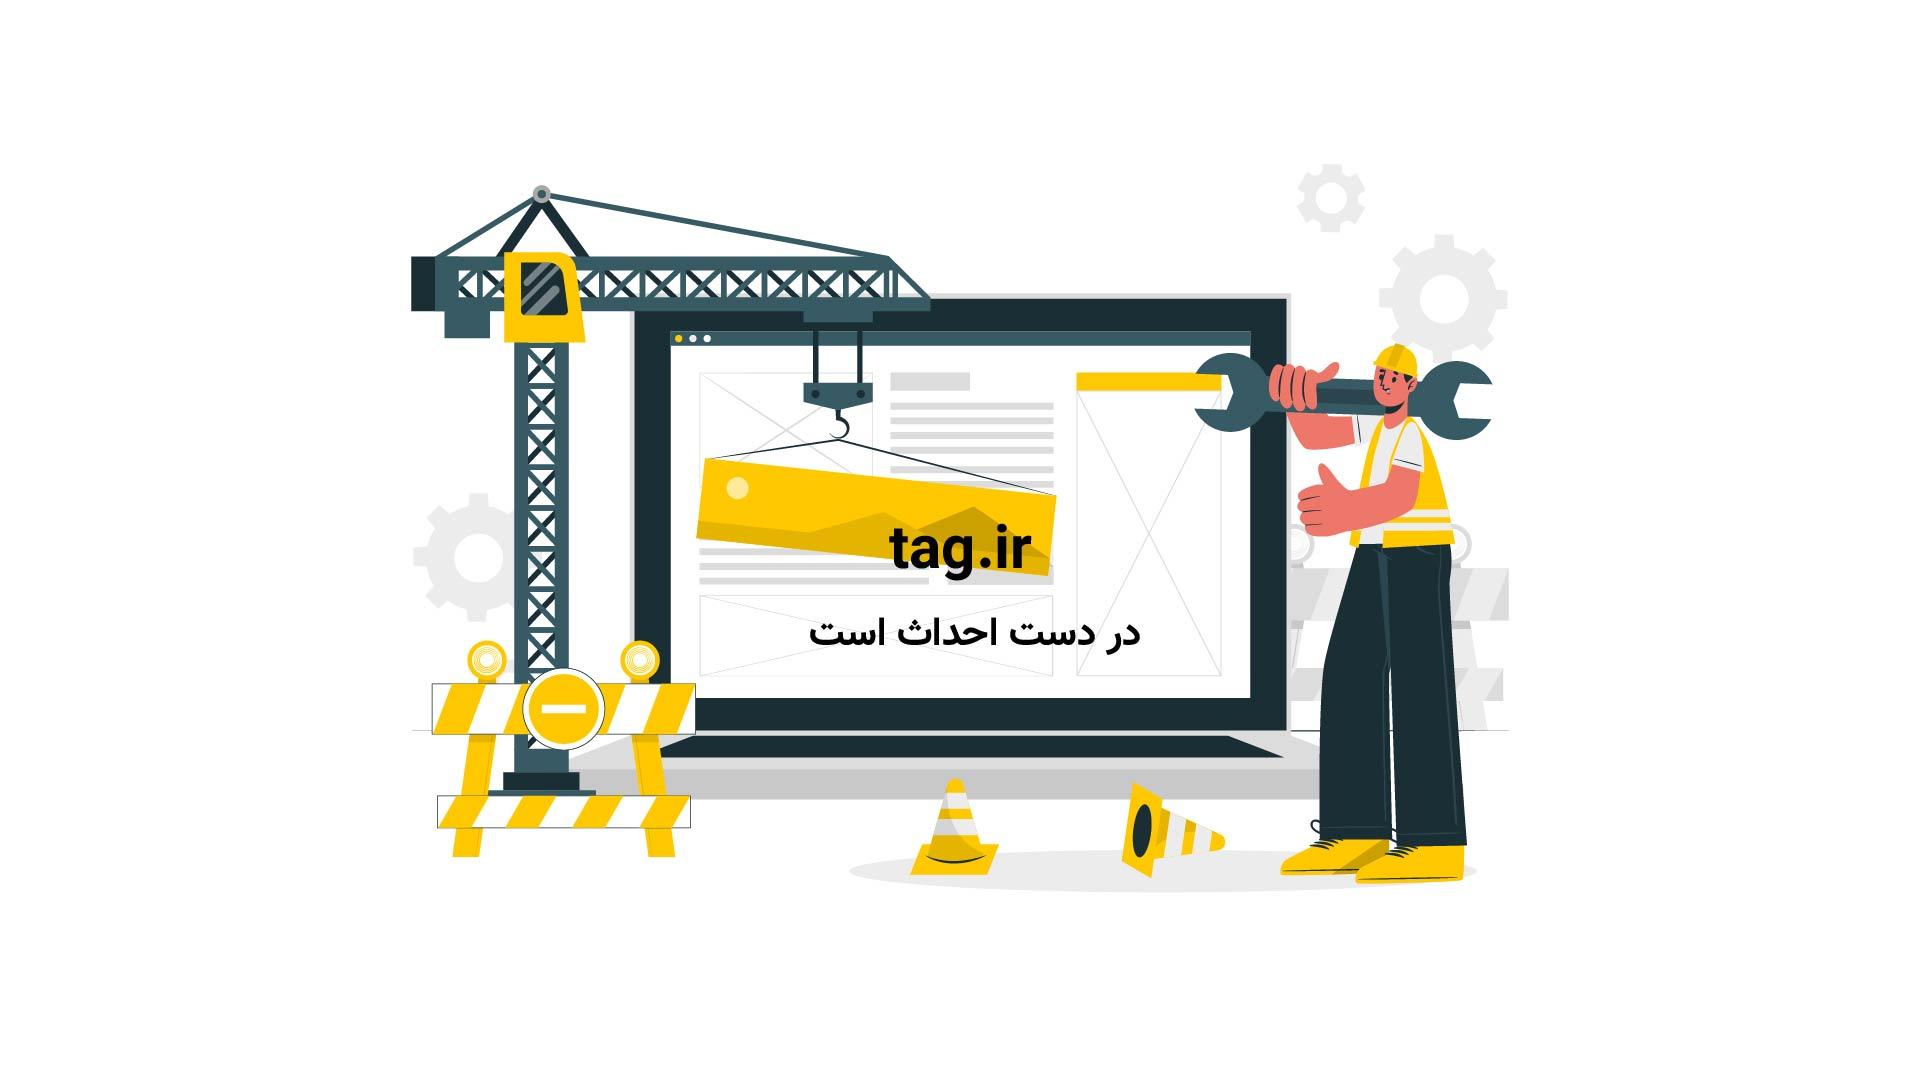 مسمومیت در سپیدان